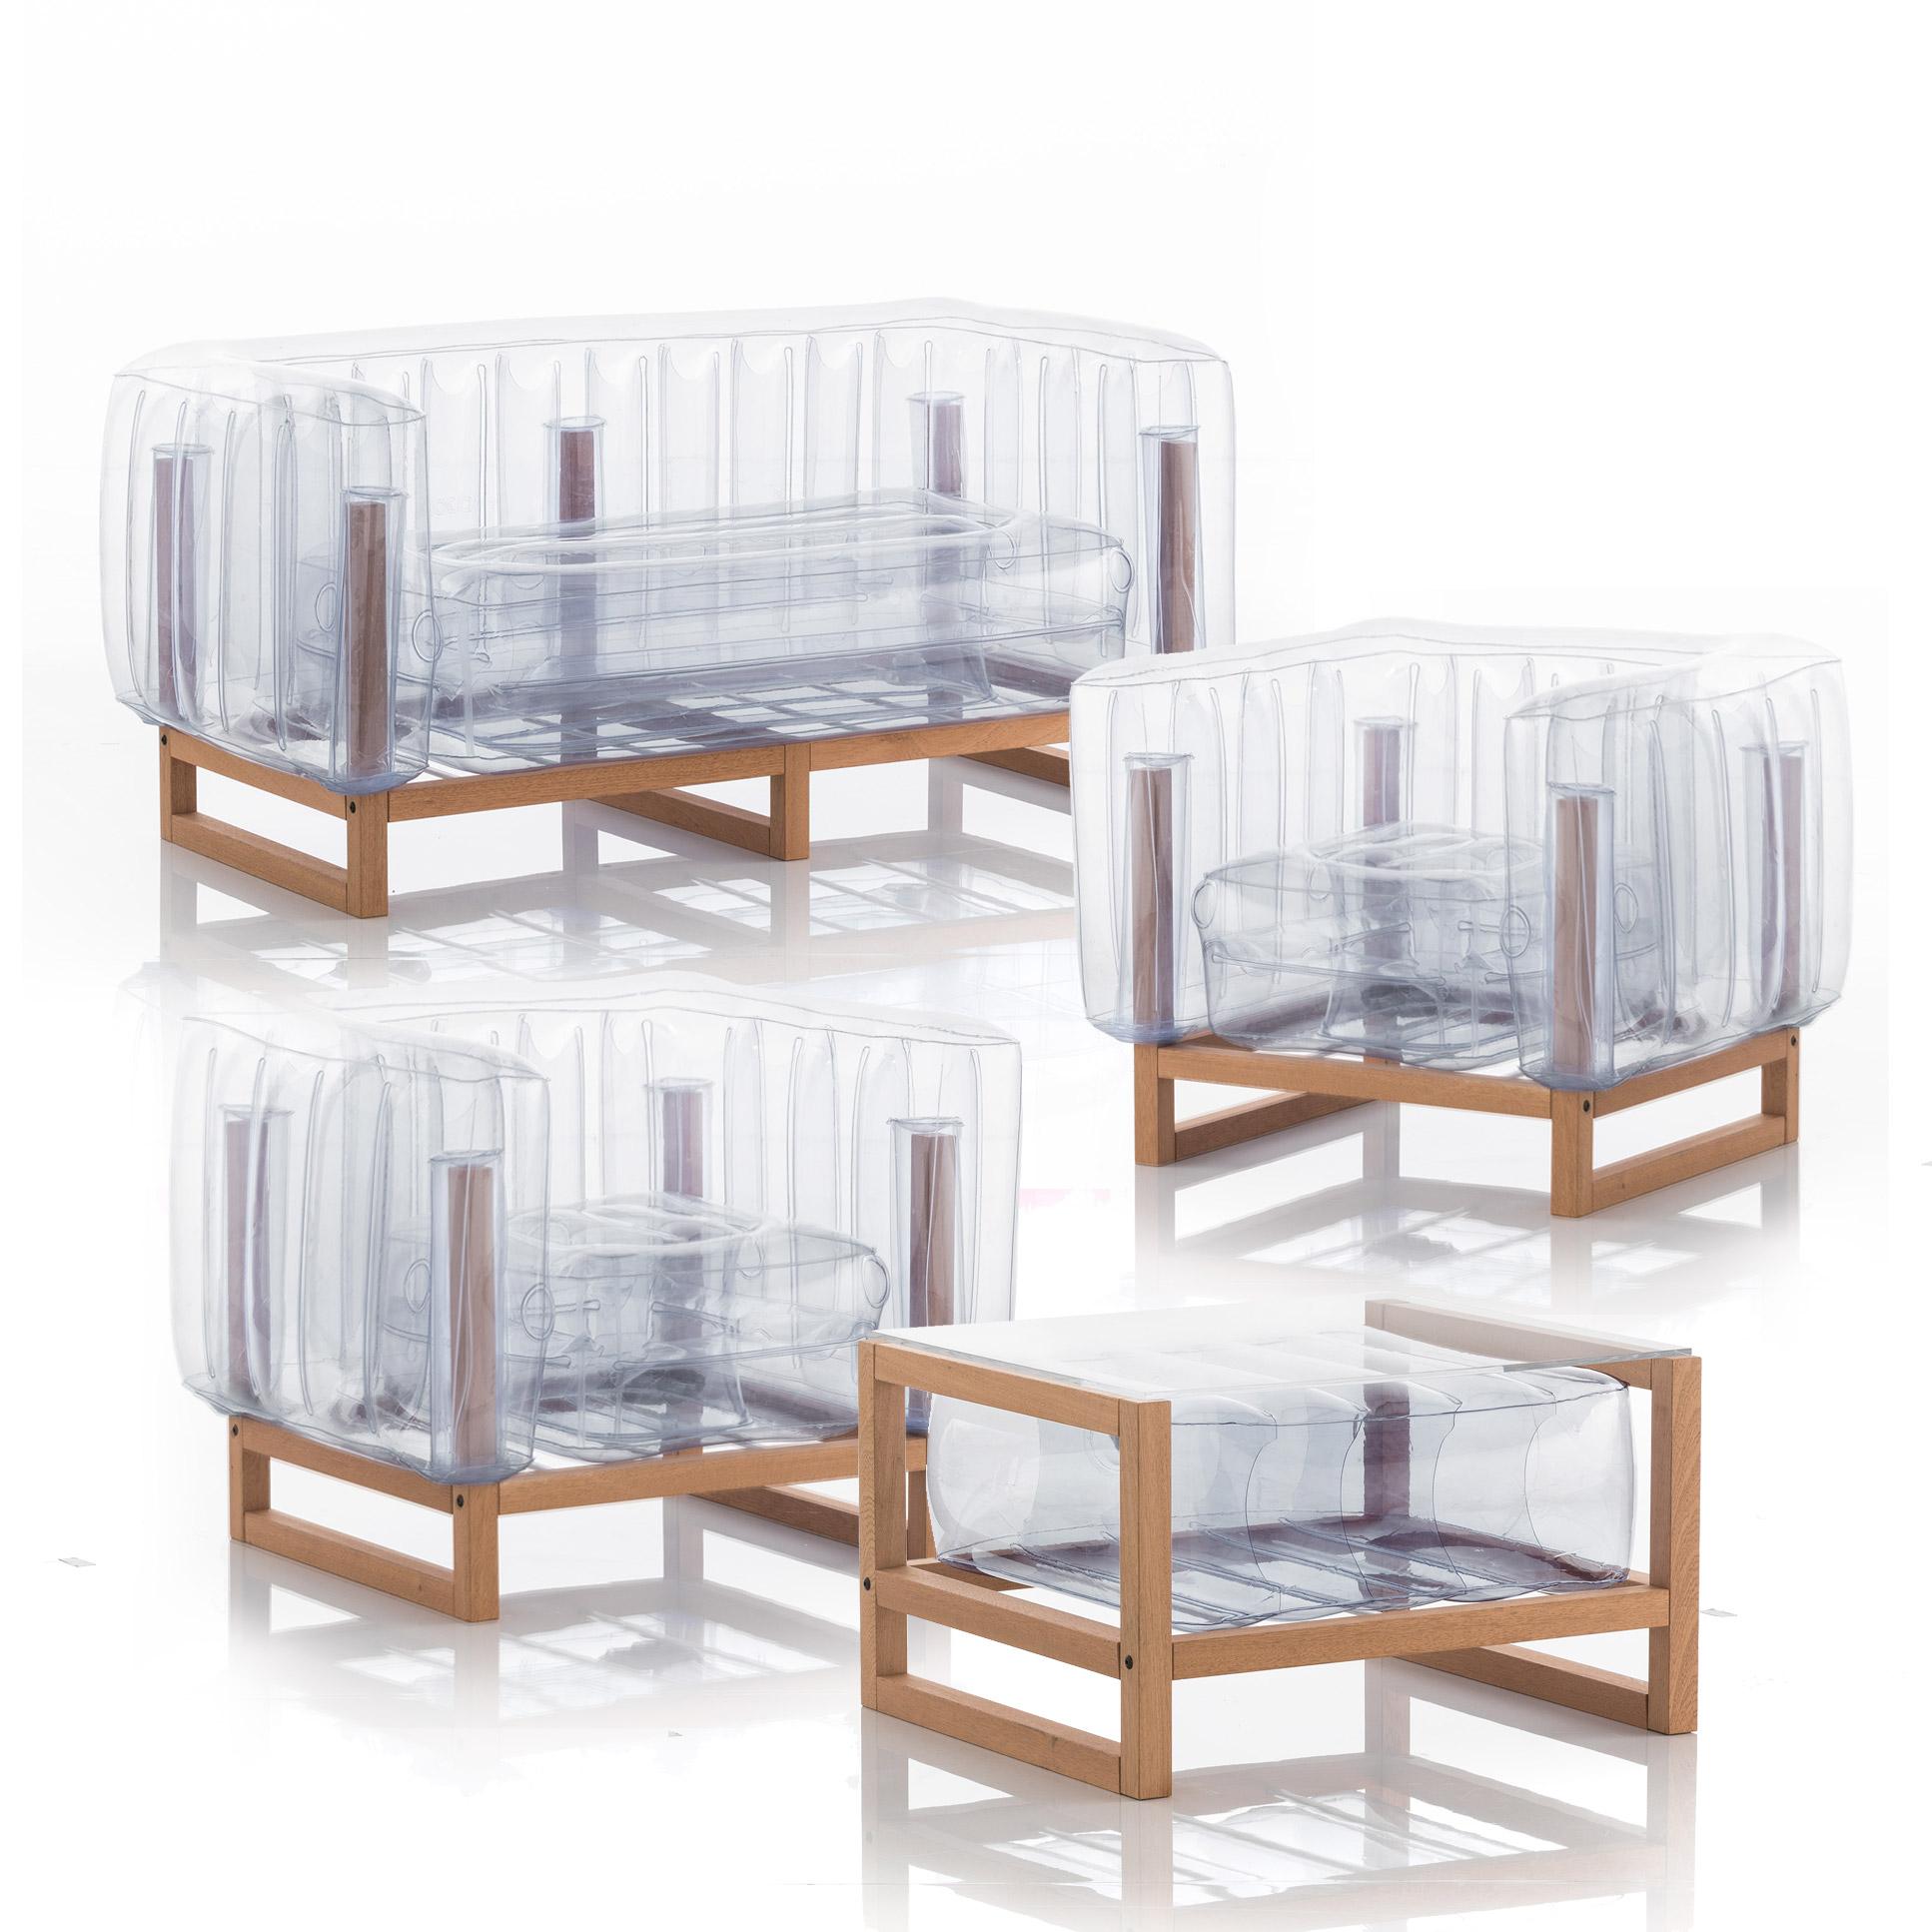 Salon de jardin design canapé, fauteuils et table basse transparent